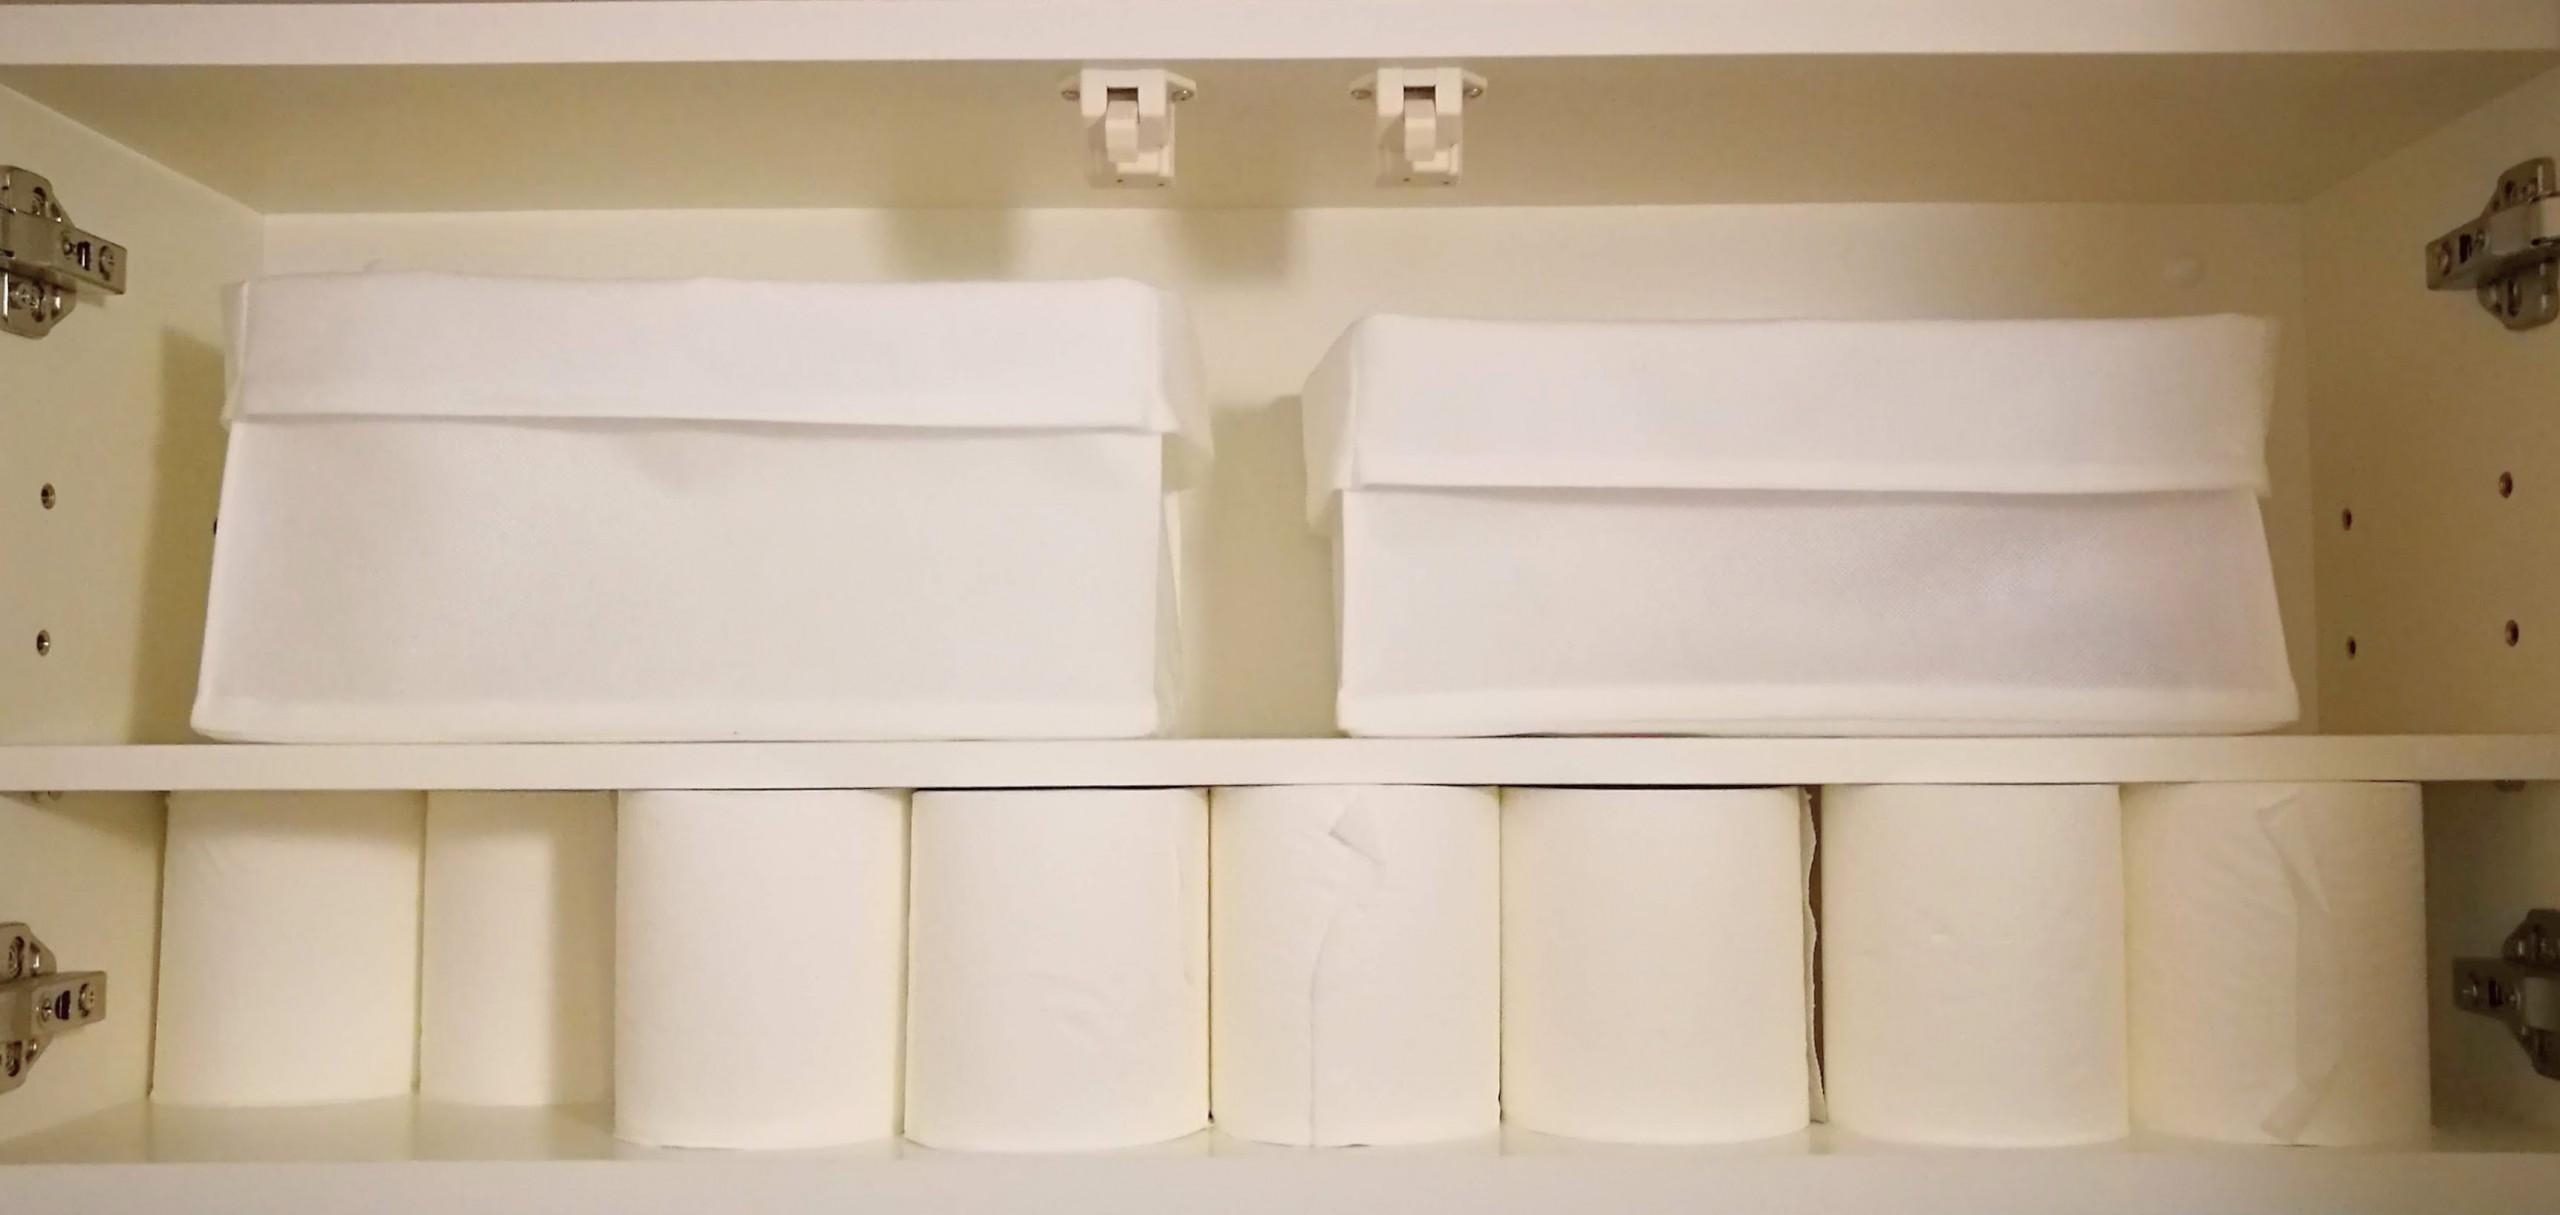 トイレットペーパー収納